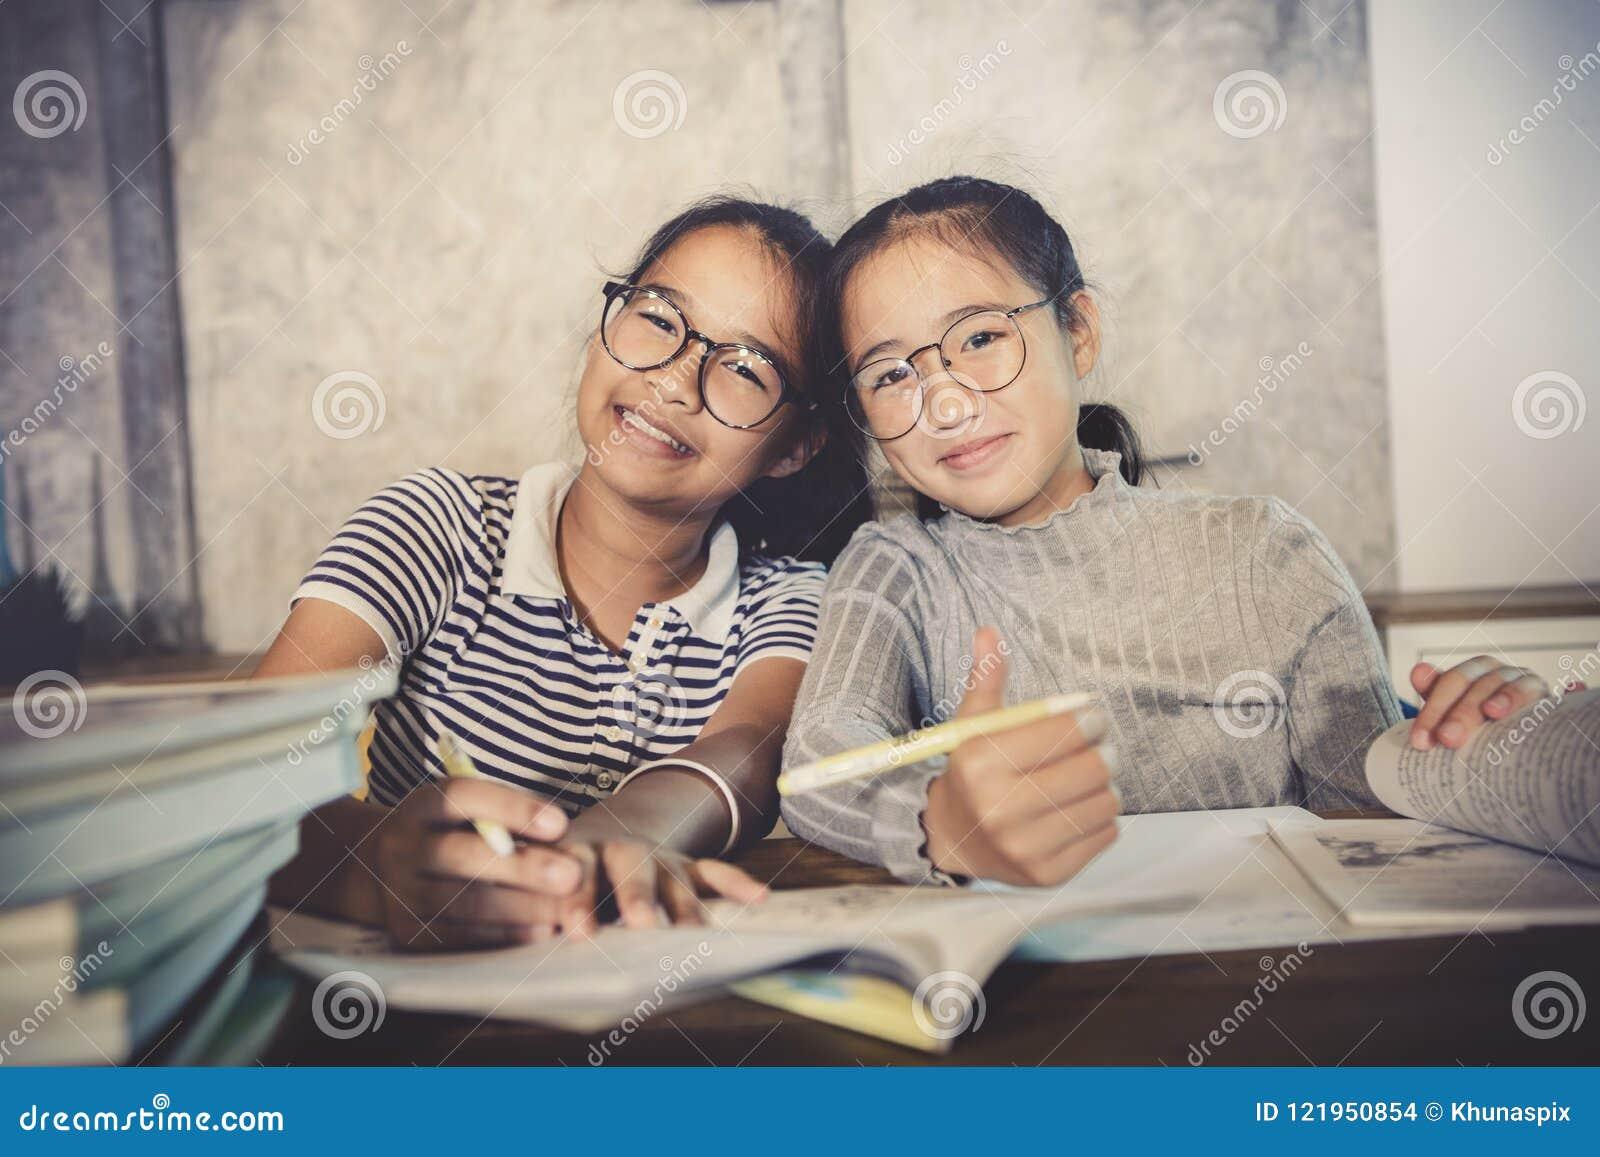 Emoção asiática da felicidade do adolescente que faz o trabalho da casa da escola